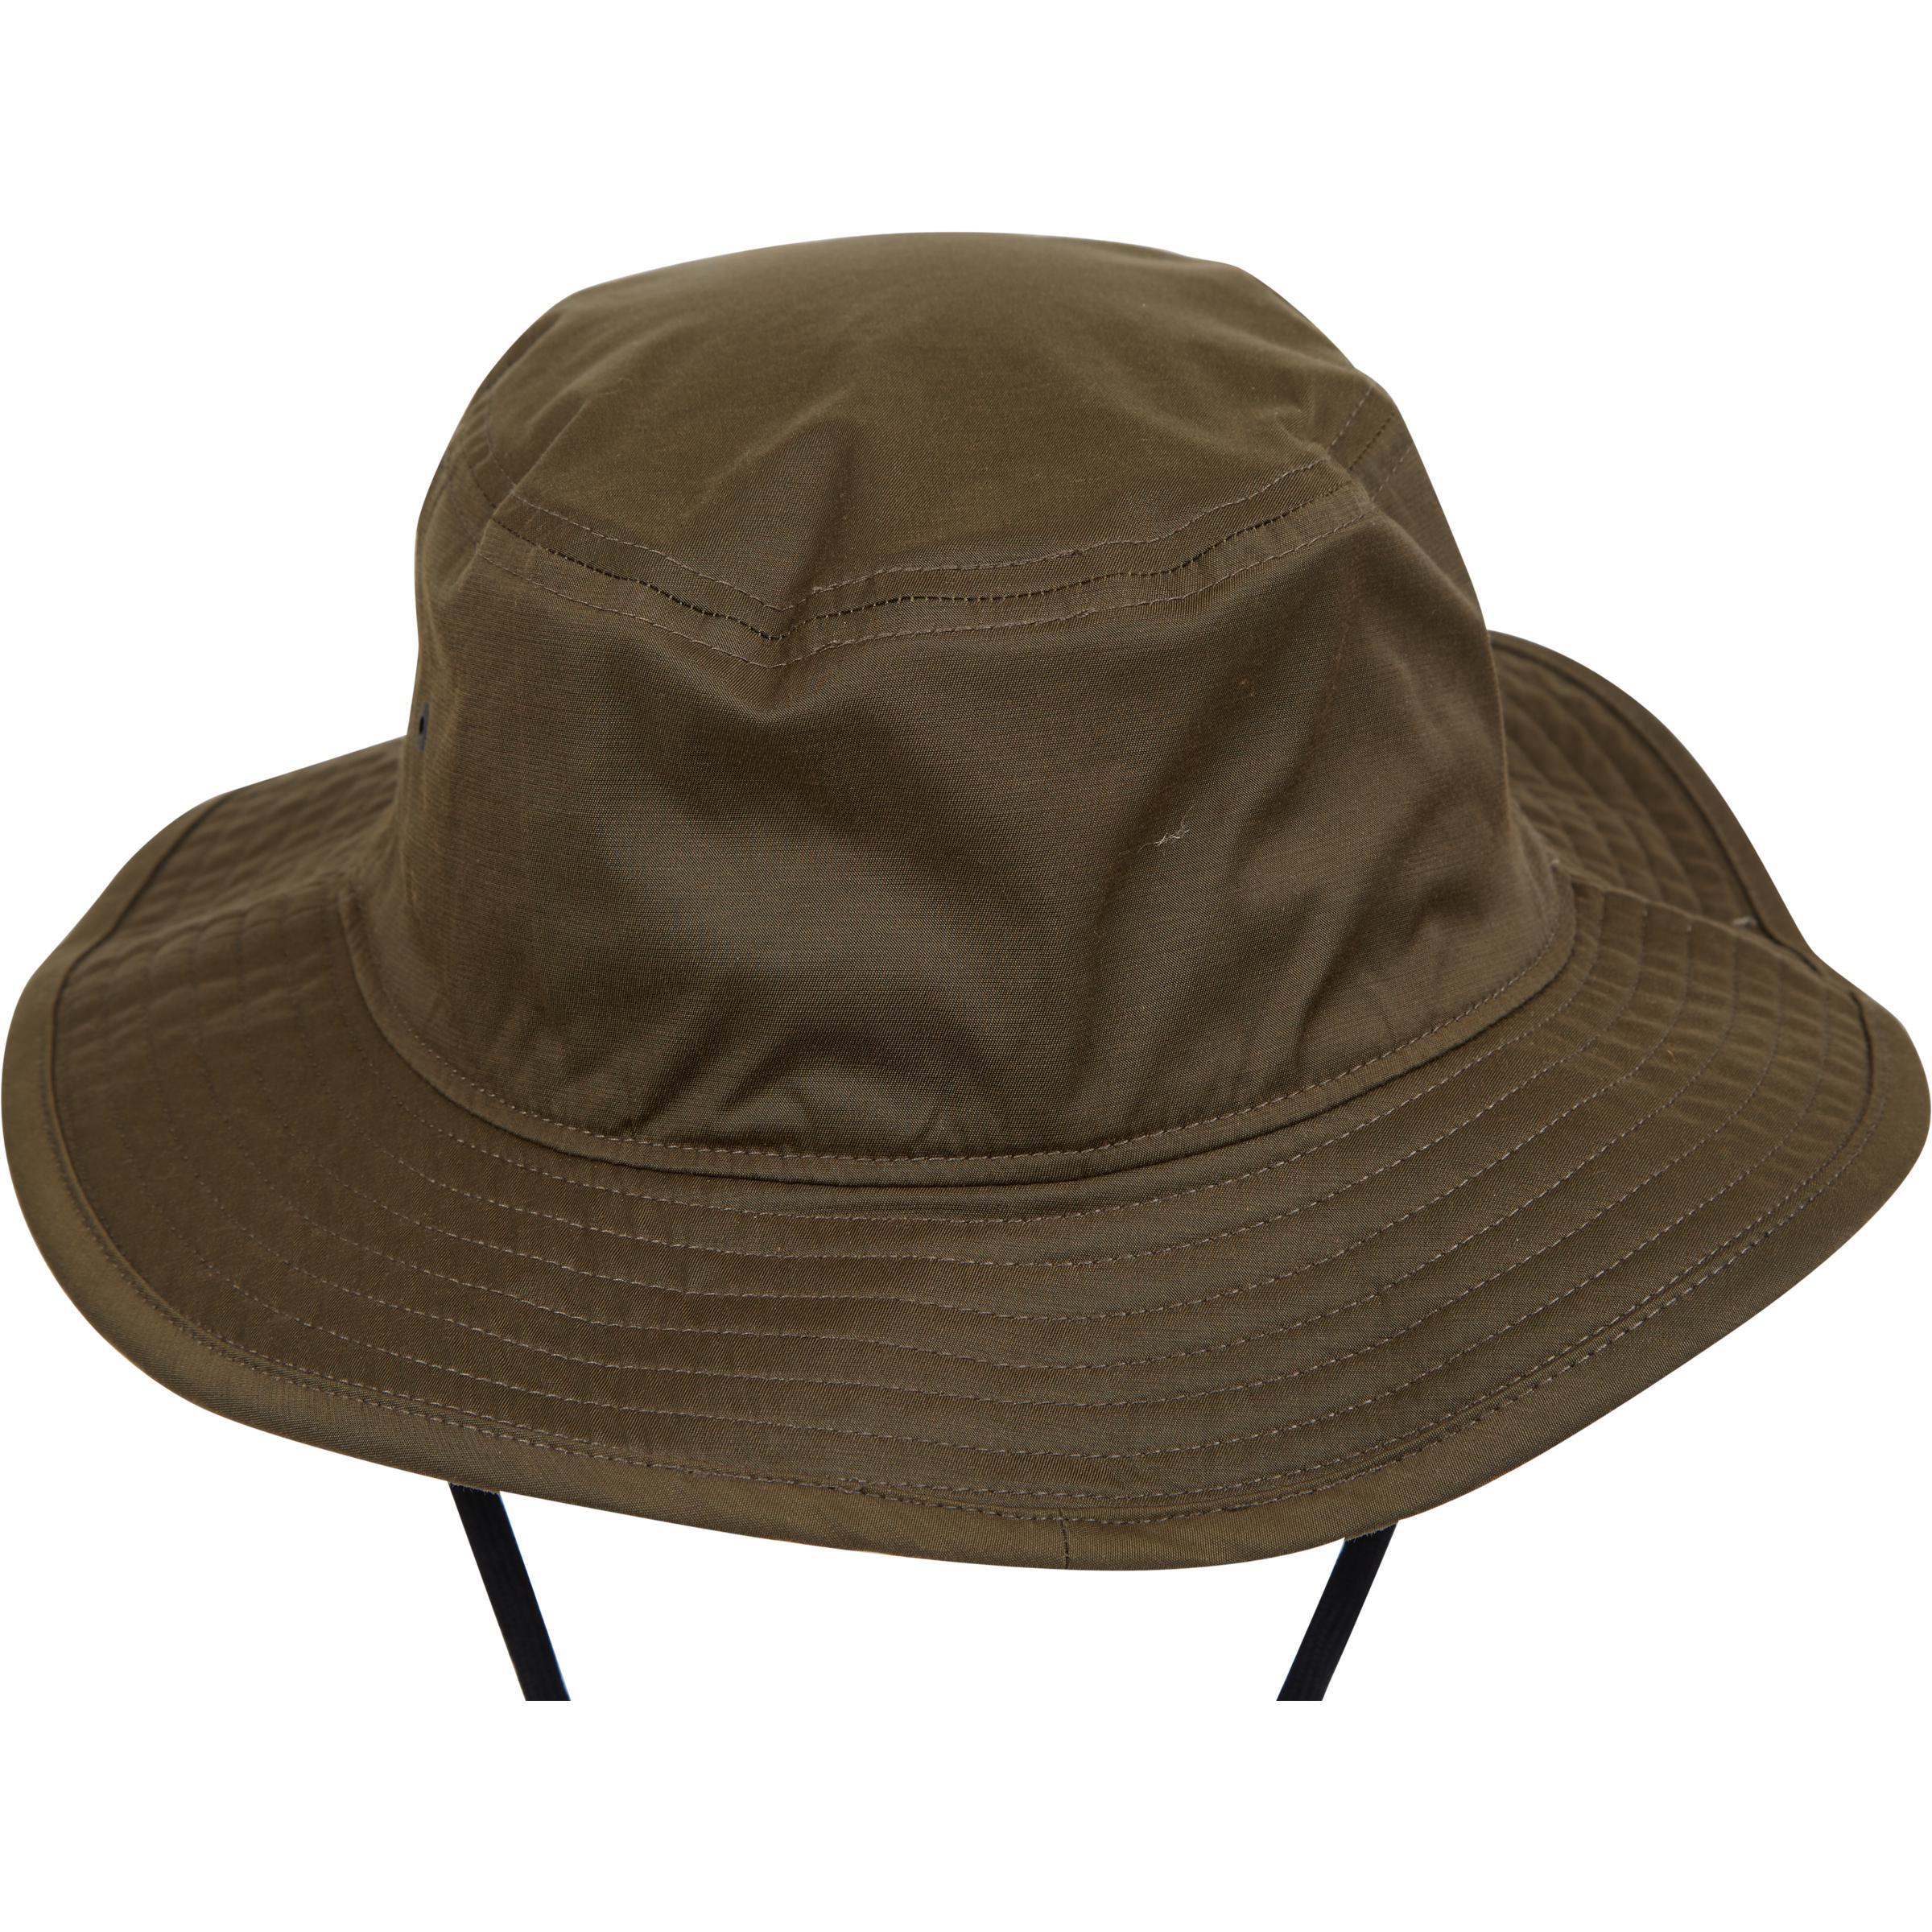 d1d8370ce Billabong Green Surftrek Sun Hat for men